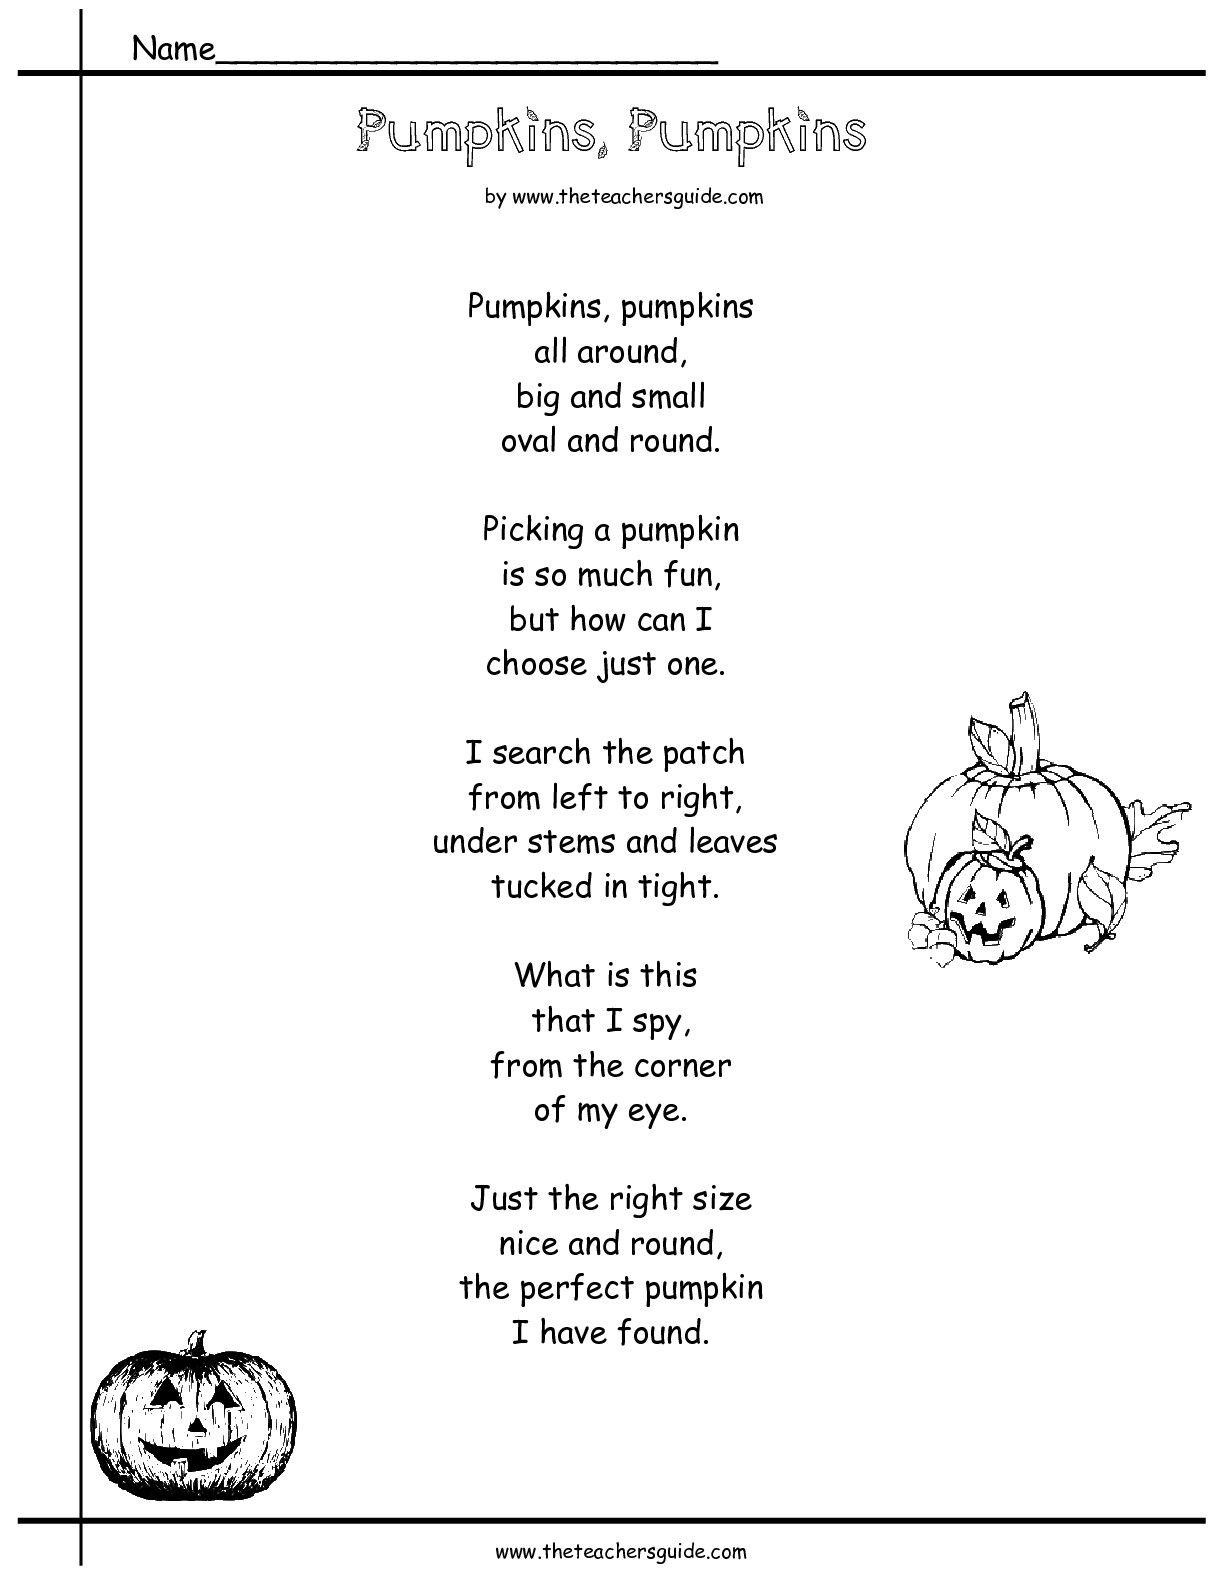 Pumpkinspumpkinspoem 001 001 Jpg 1 224 1 584 Pixels Poetry Comprehension Worksheets Poetry Comprehension Comprehension Worksheets